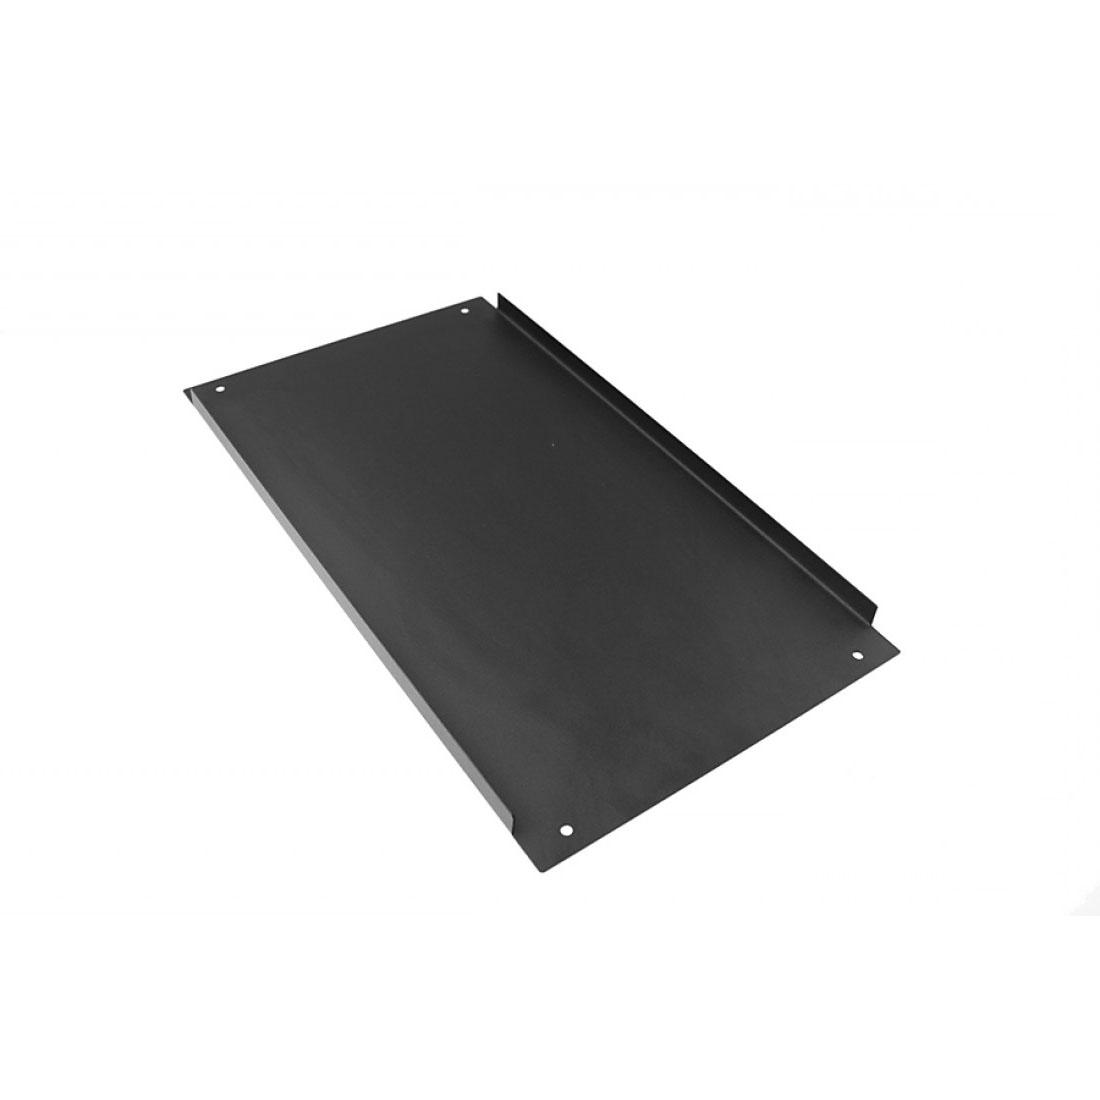 1NPD05400B - 5U Krabice s chladičem, 400mm, 10mm-panel stříbrný